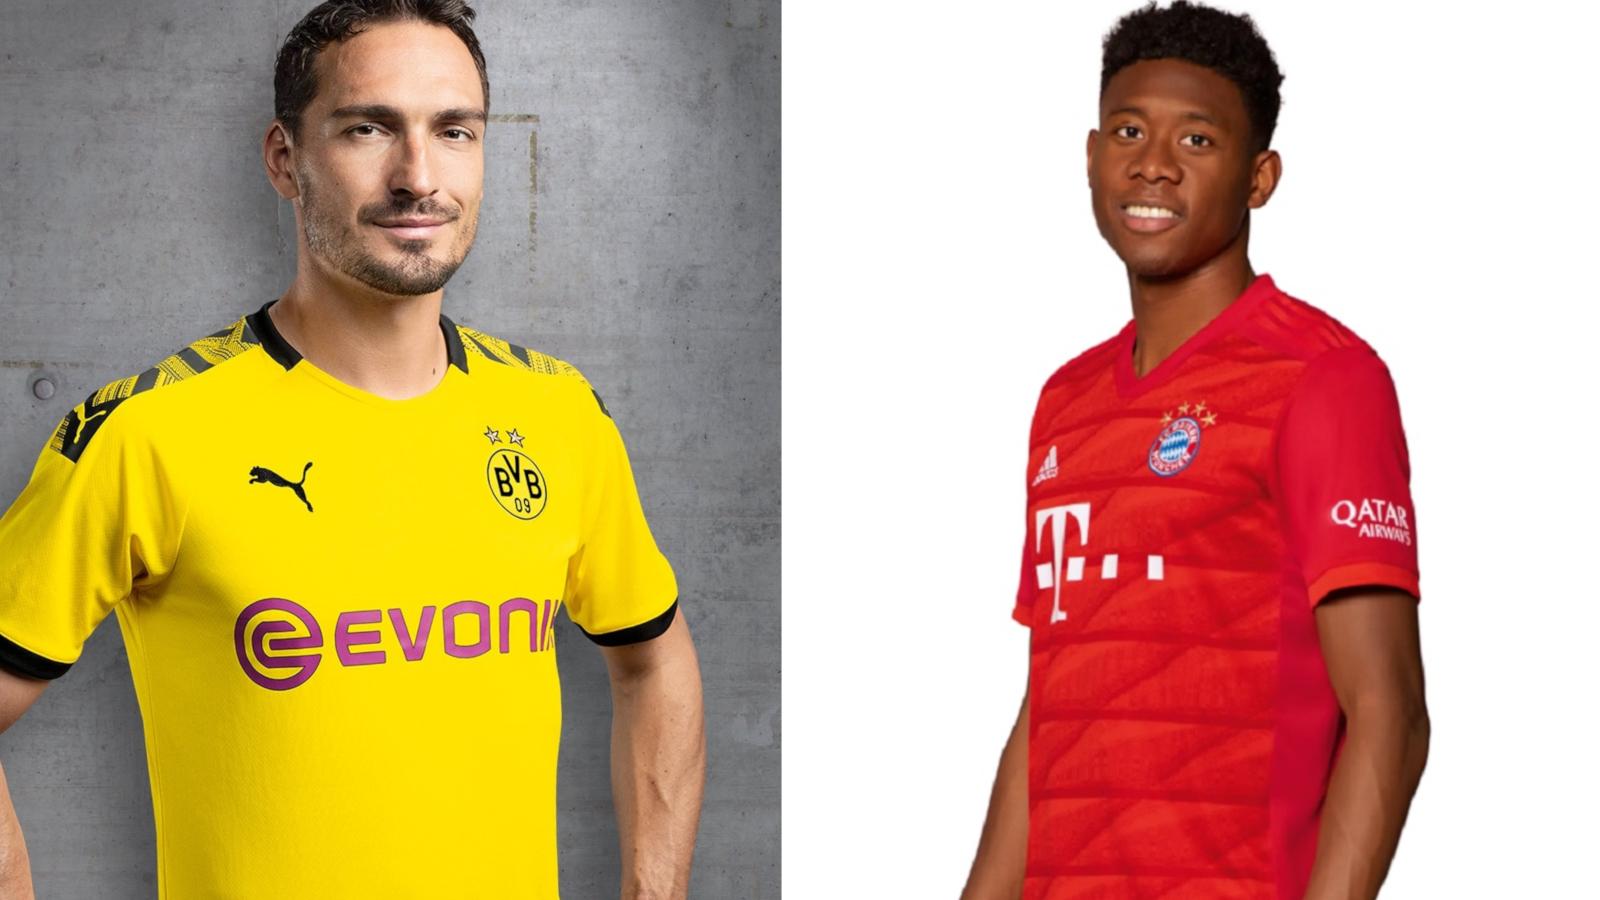 new arrivals 6ee1d ab9a5 Sponsoren der Bundesliga-Clubs: Alle Trikots, alle Einnahmen